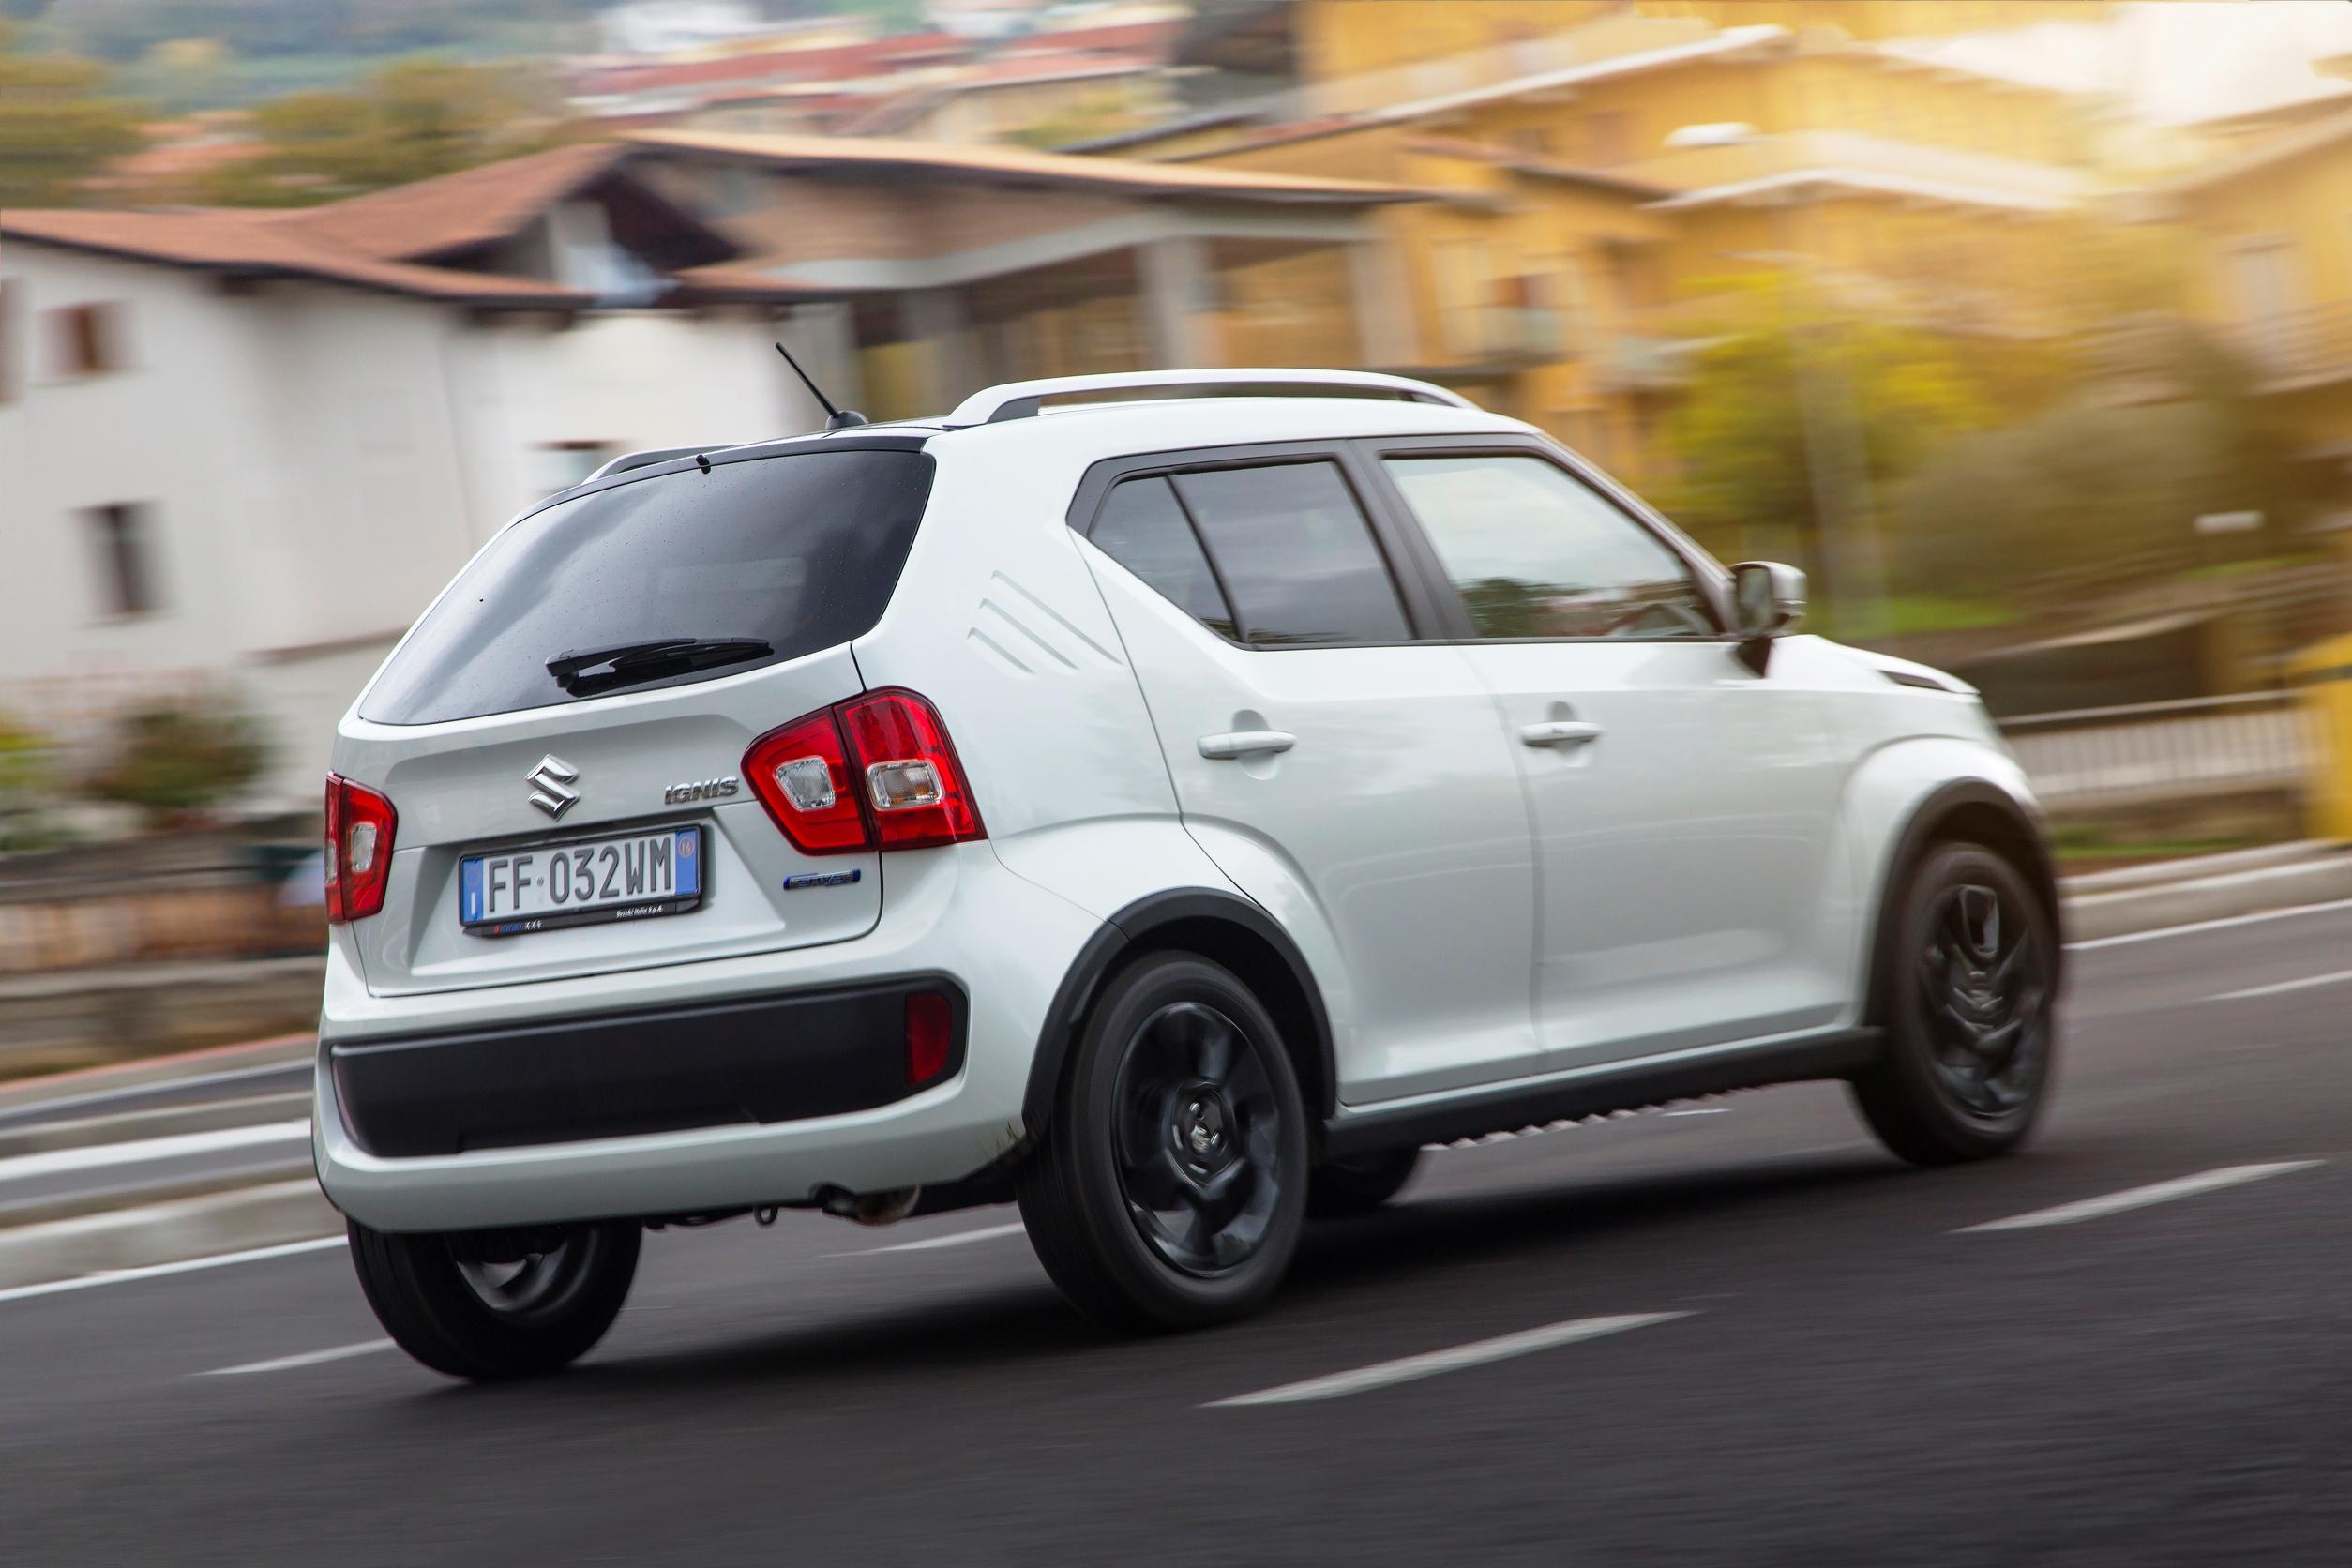 Vom A Segment Und Suzuki Von Micro Car Genauer Gesagt SUV Die Britischen Marketringstrategen Ultra Compact Gemeint Ist Der Ignis